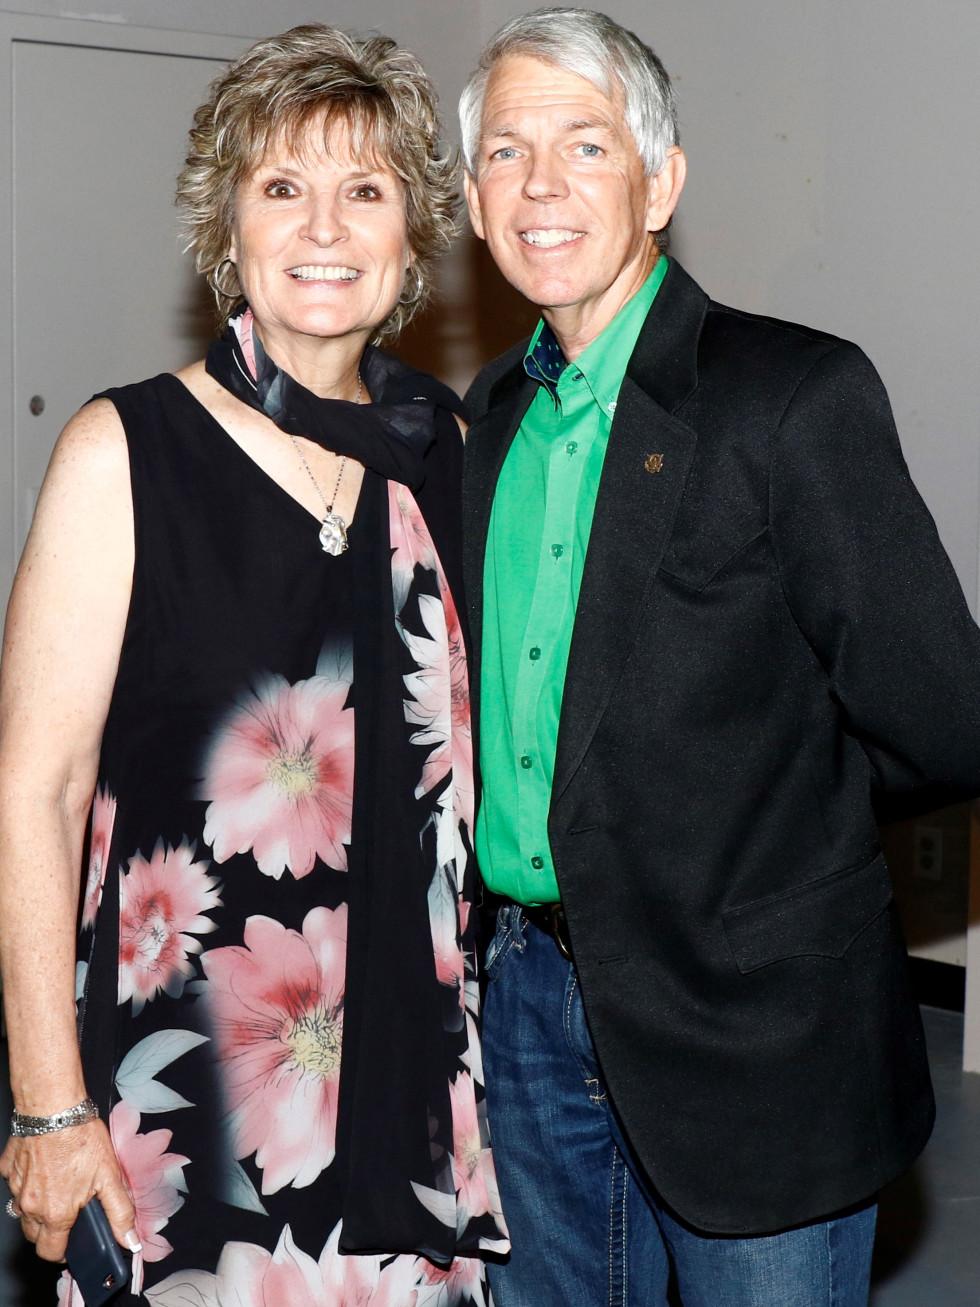 Cheryl Barton, David Barton